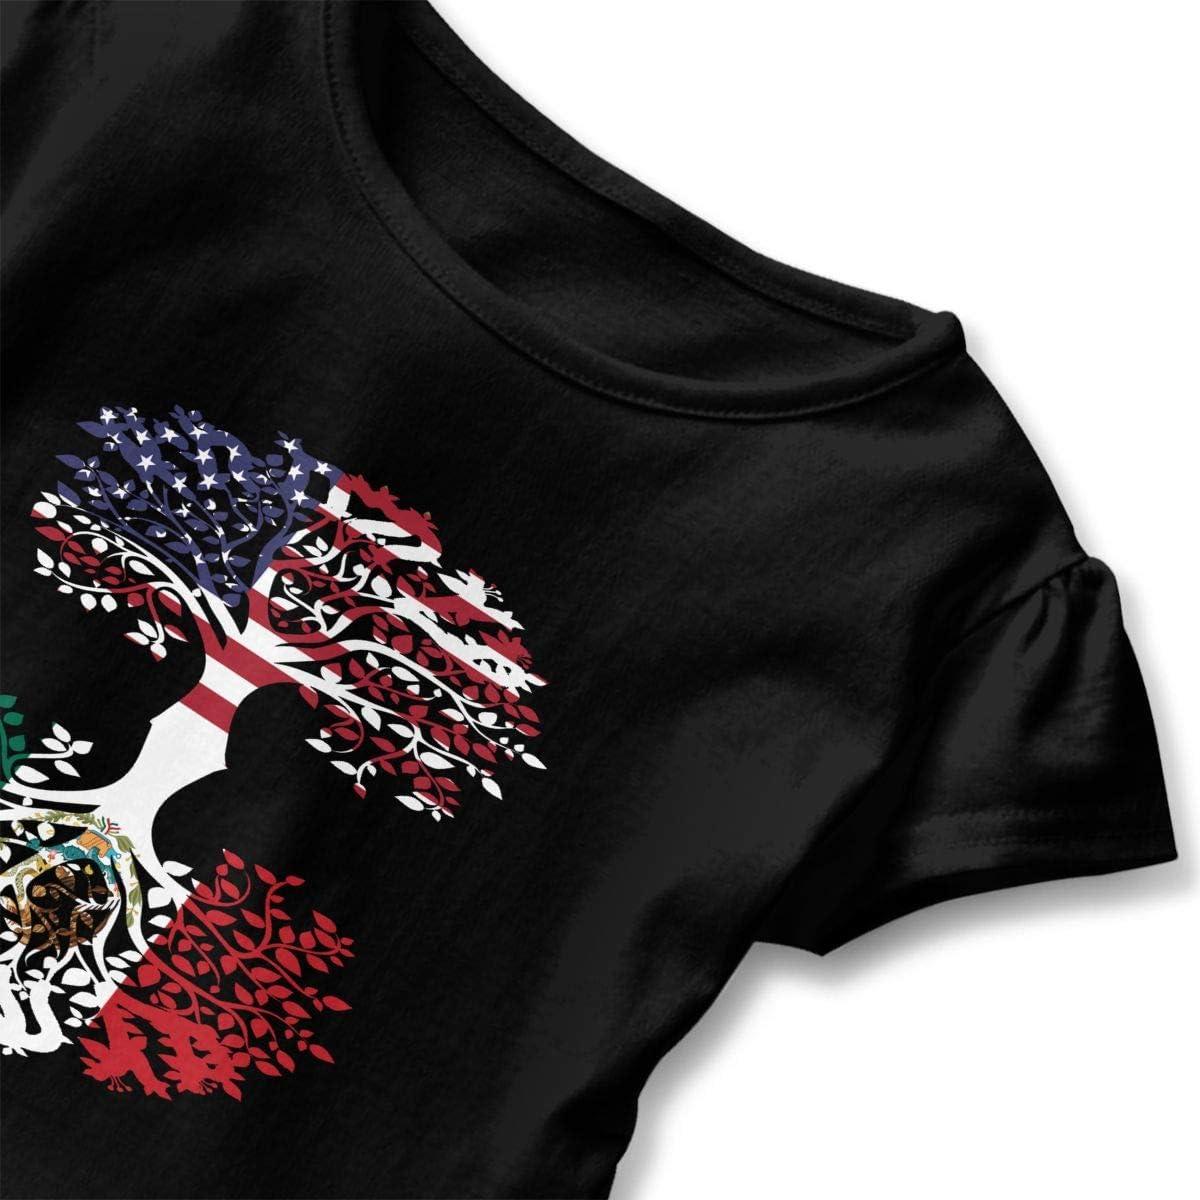 Cheng Jian Bo American Grown W Mexican Toddler Girls T Shirt Kids Cotton Short Sleeve Ruffle Tee